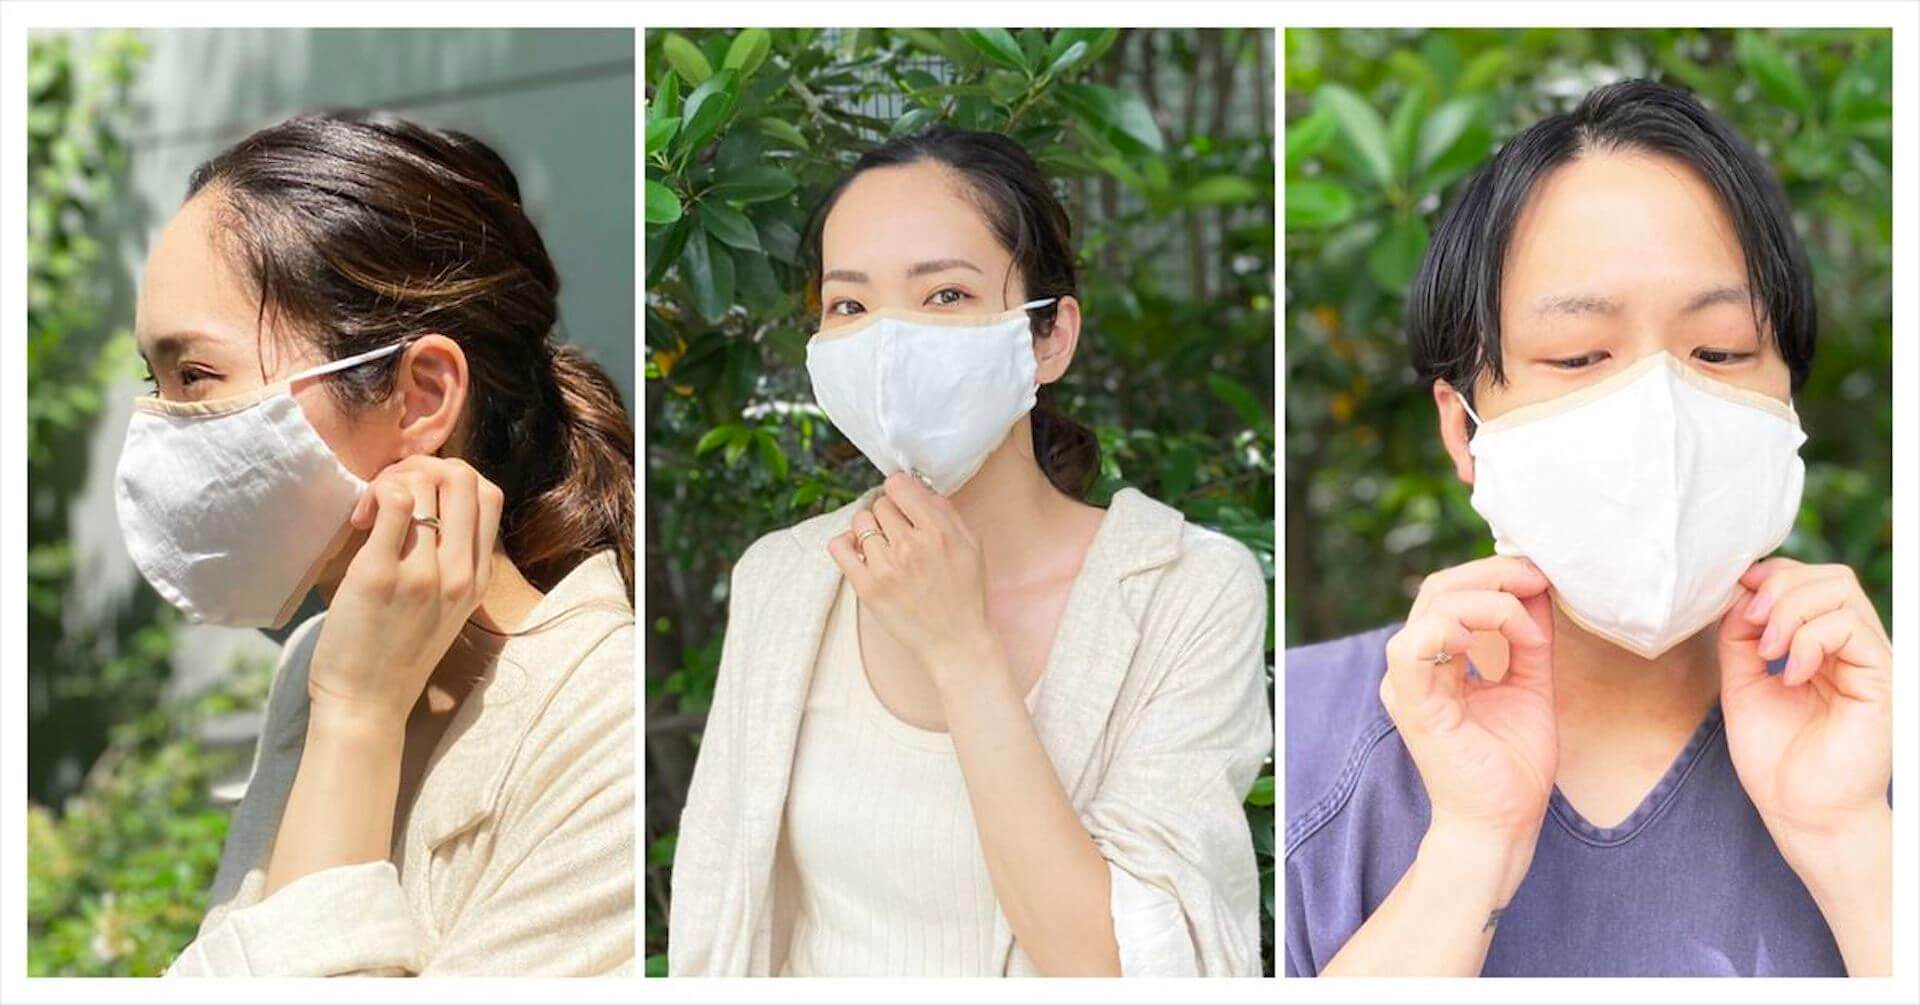 お気に入りの服や生地を持ち込んでマスクを作ろう!進化型古着屋・森がオーダーメイドマスクの受注サービスを開始 lf200619_mask_mori_05